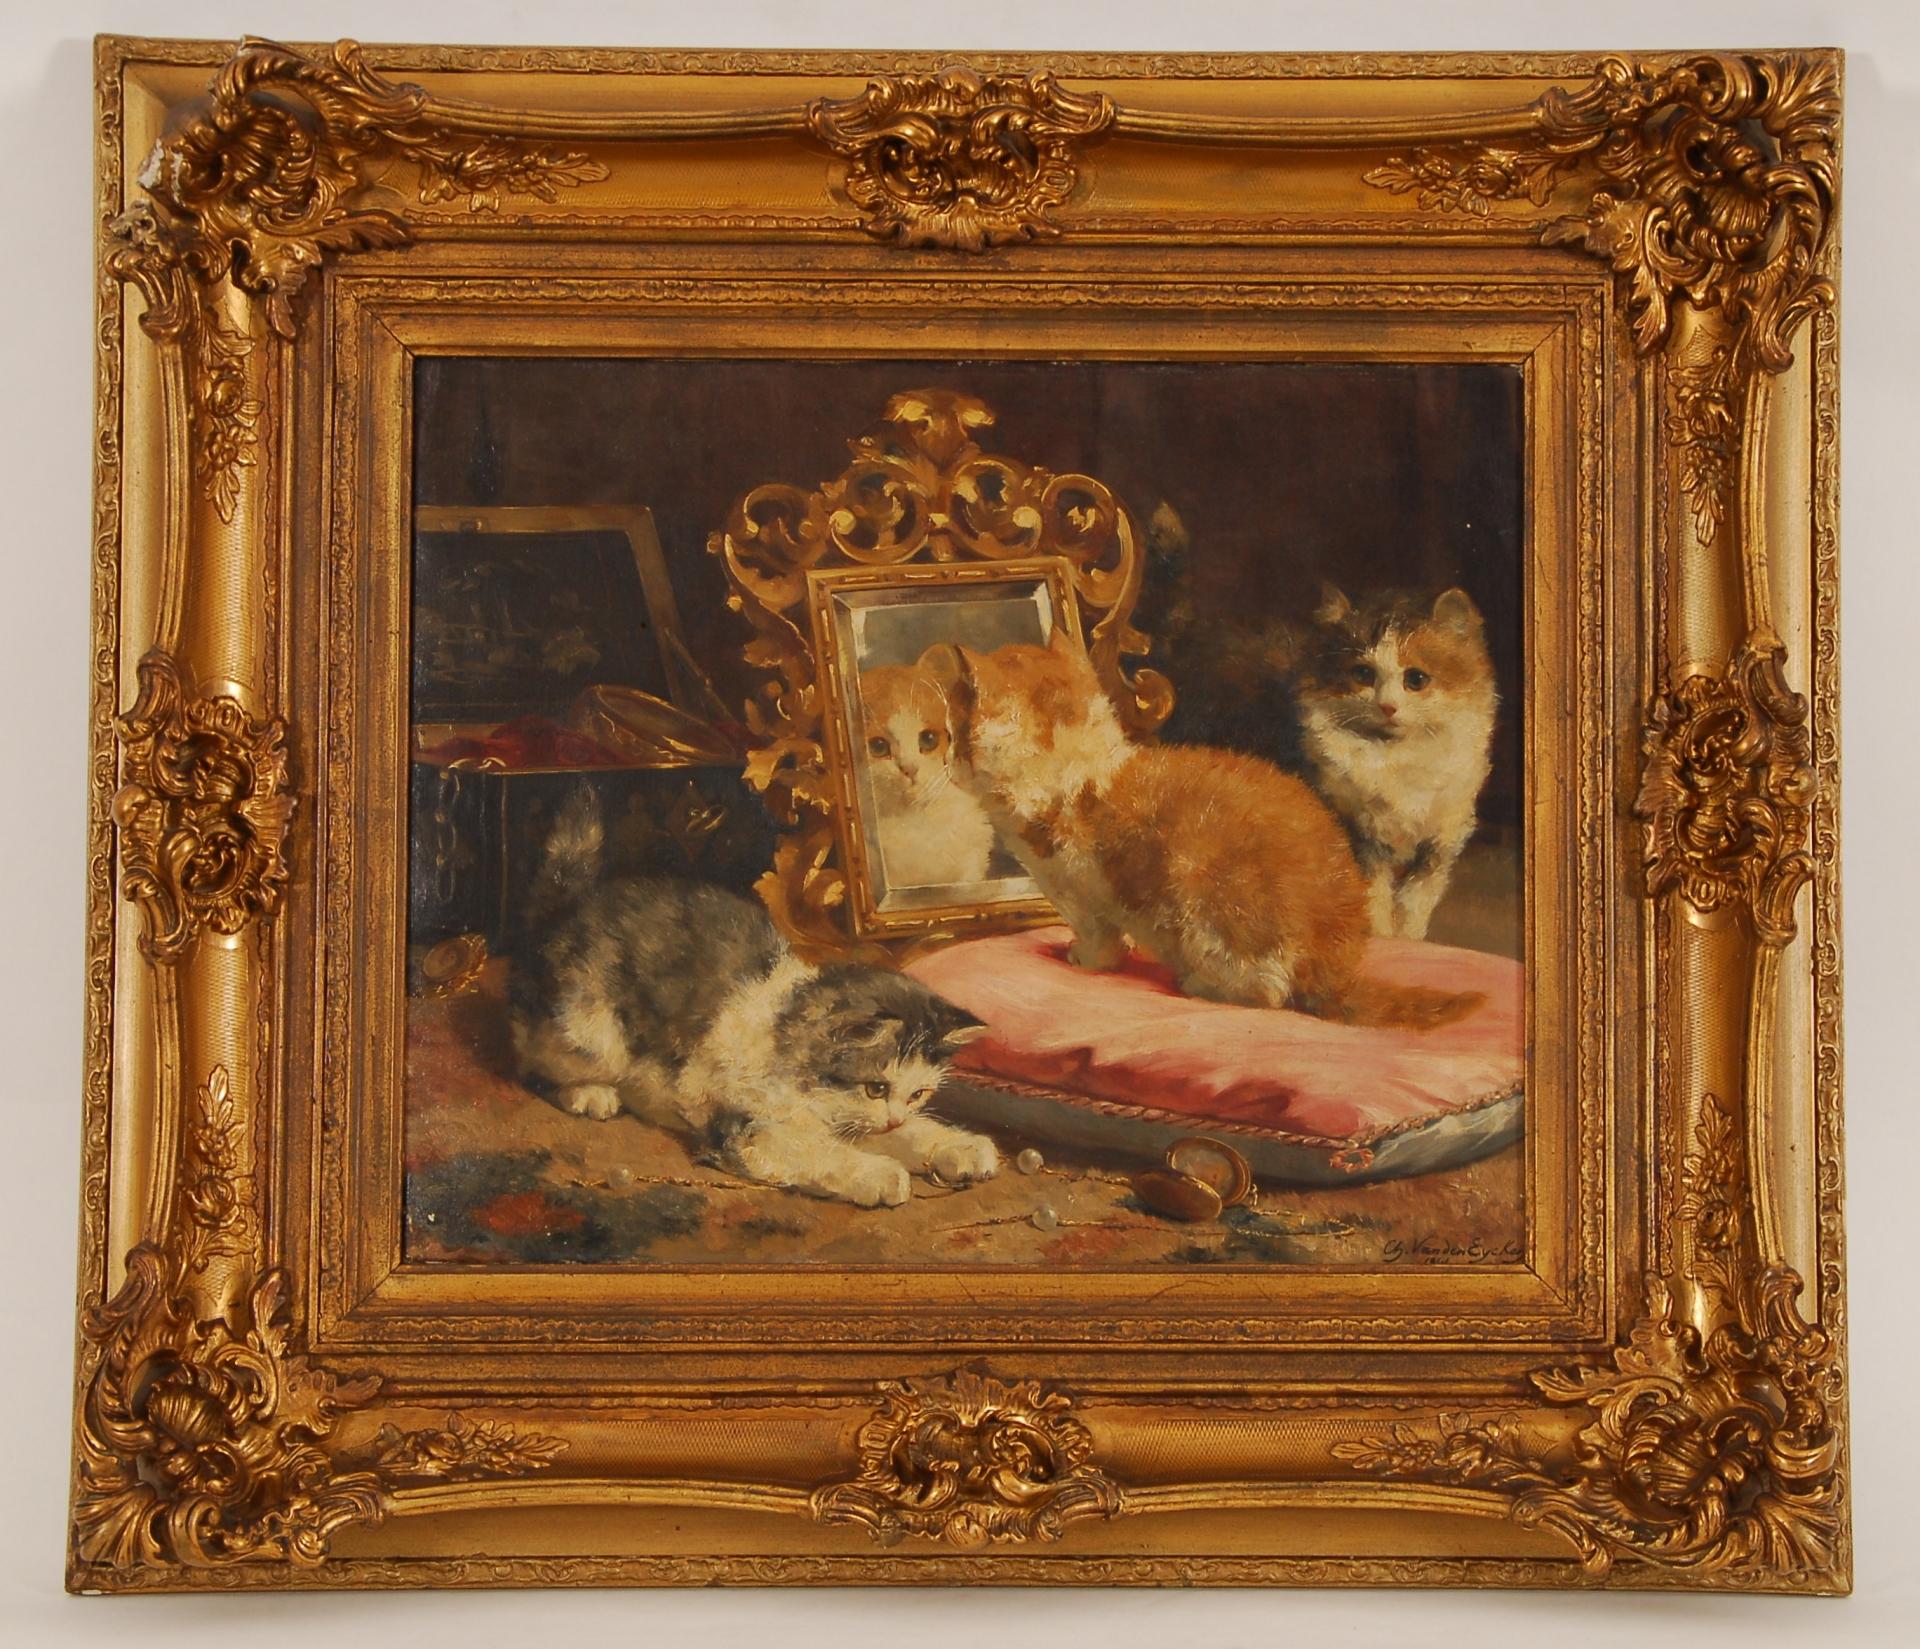 Jeunes chats dans leurs ébats